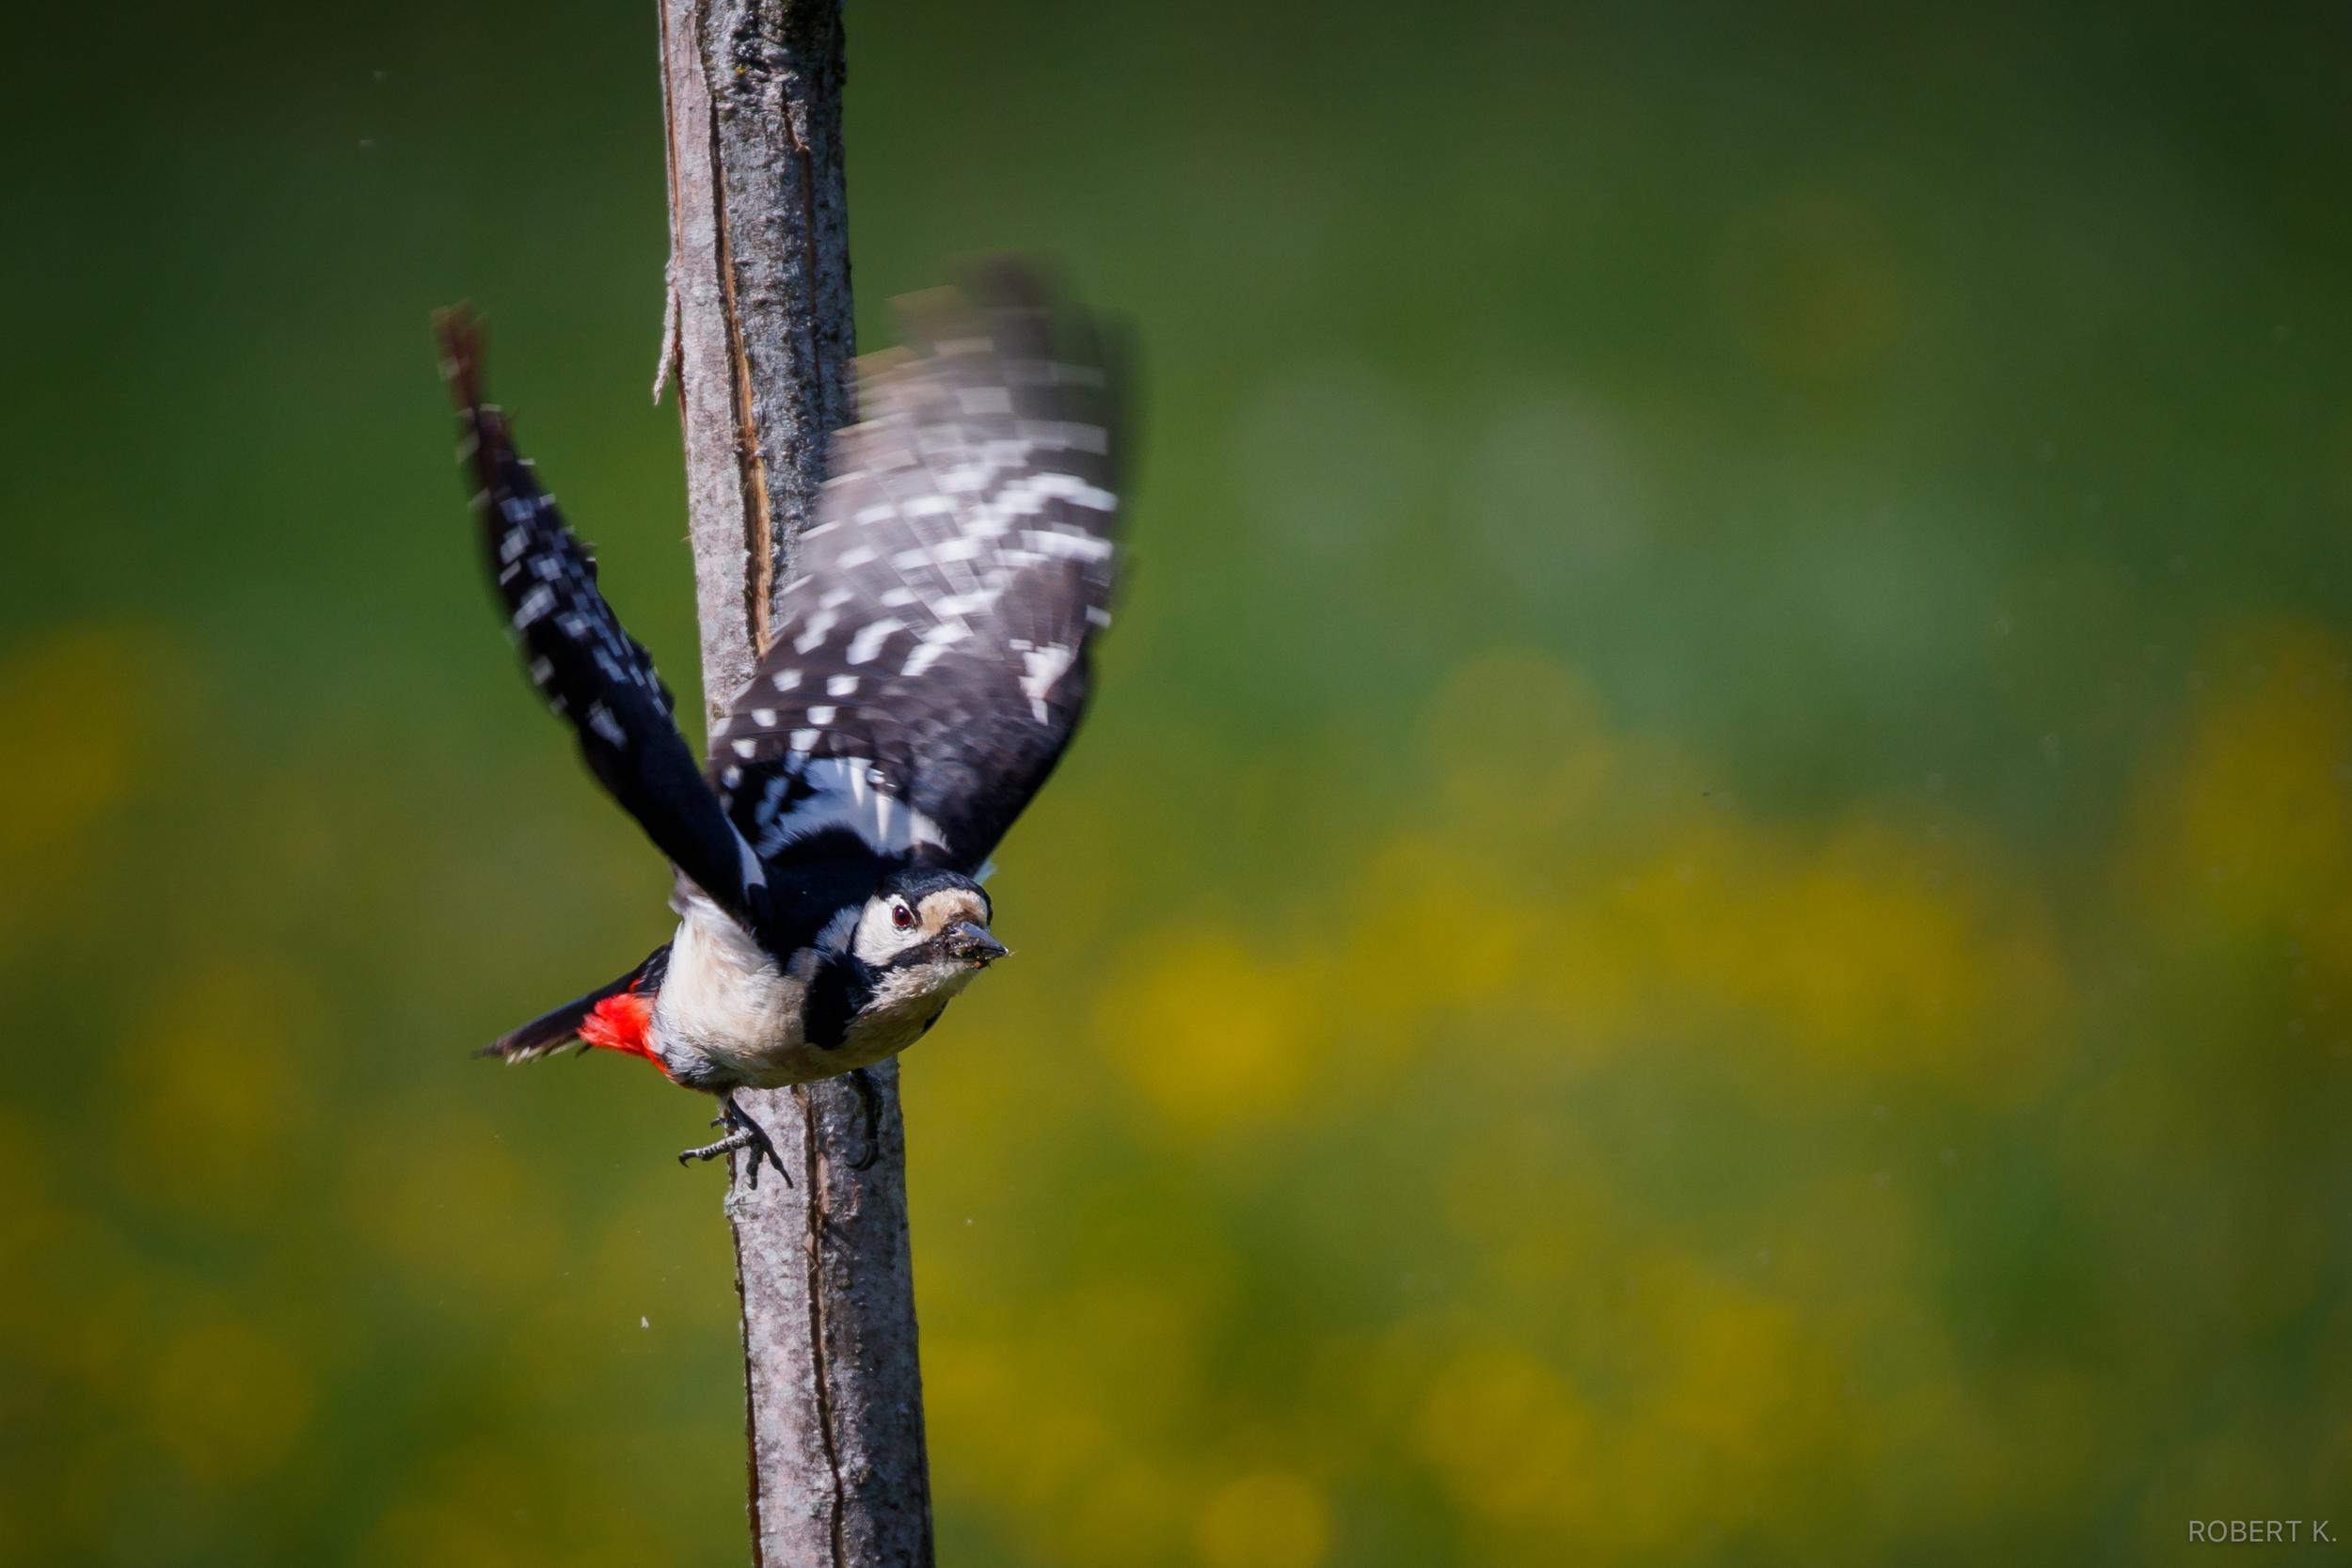 Woodpecker taking flight,  Canon 7D Mark II,400mm,ƒ/5.6,1/1250s,ISO 250